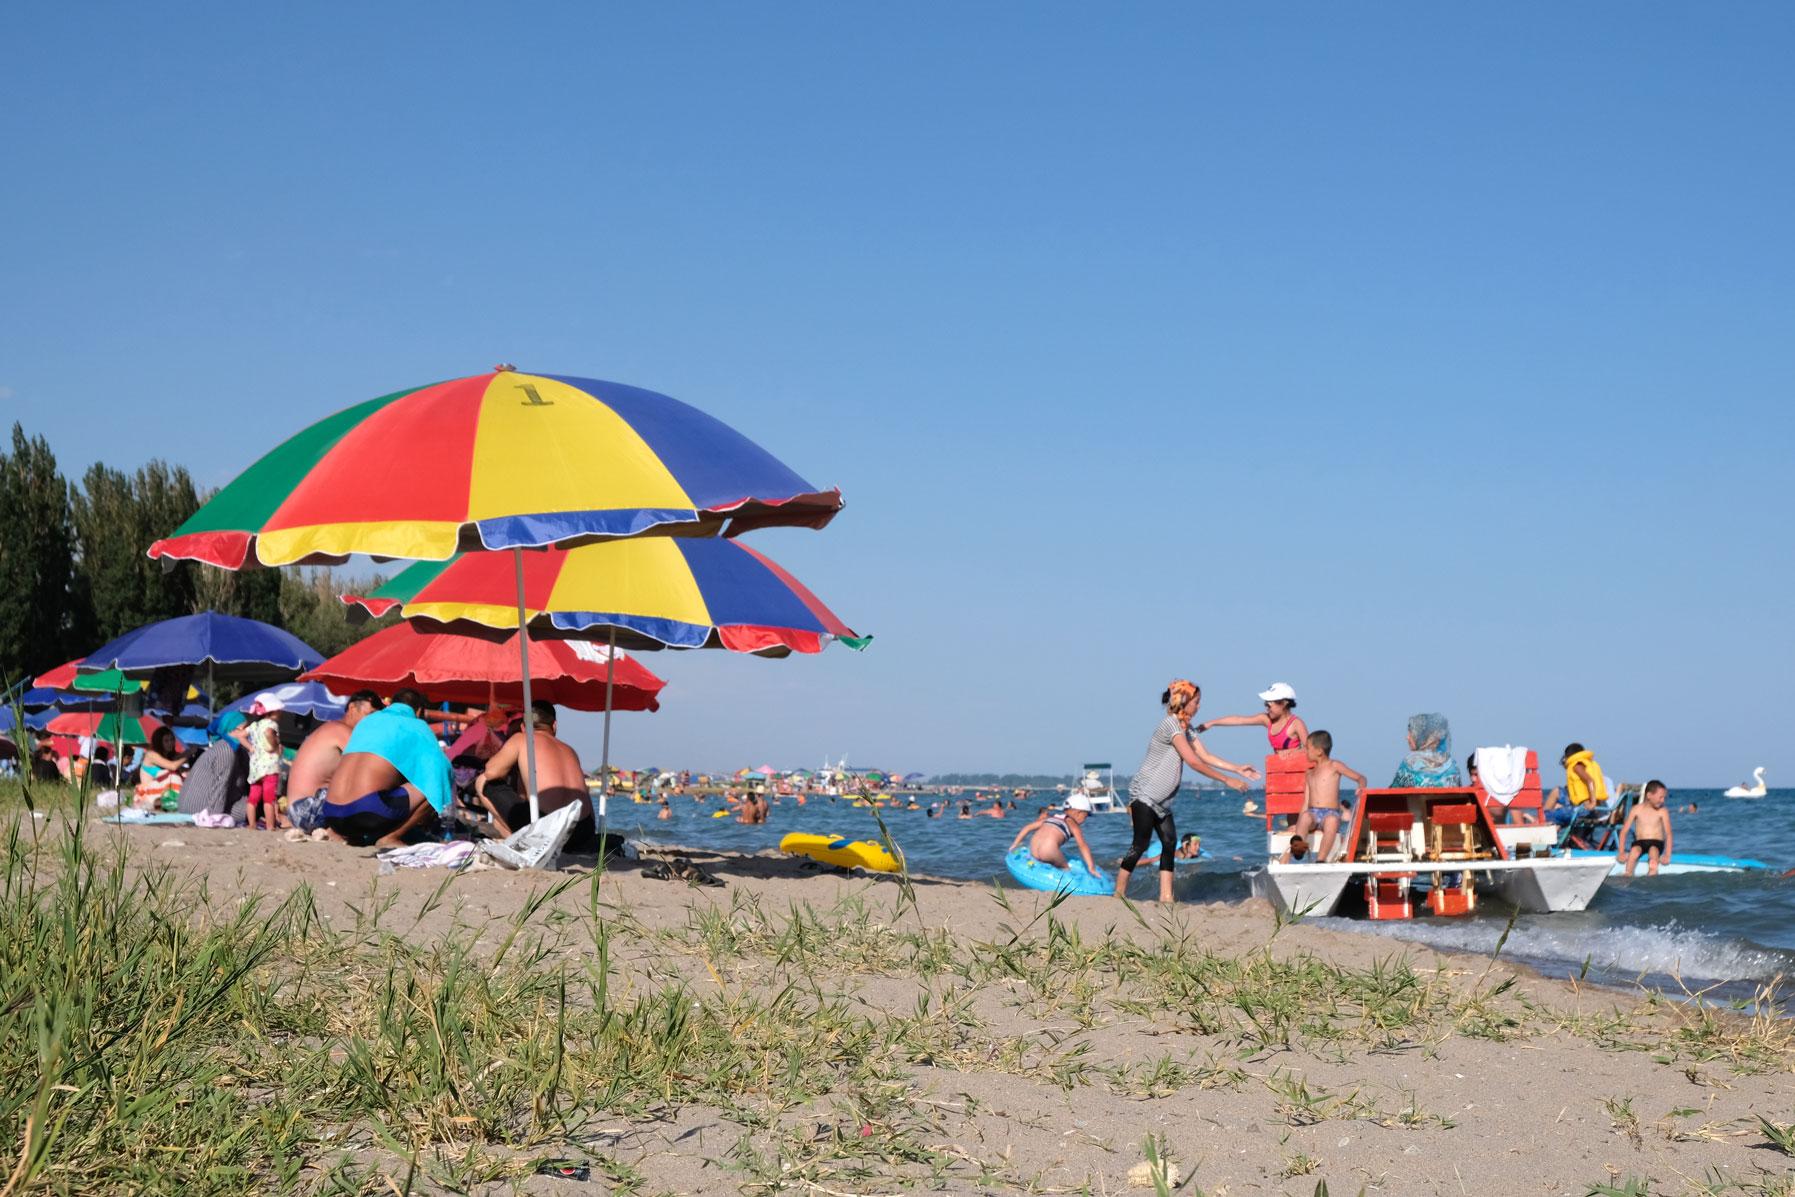 Sonnenschirme am Strand des Issyk-Kul Sees bei Tamchy.